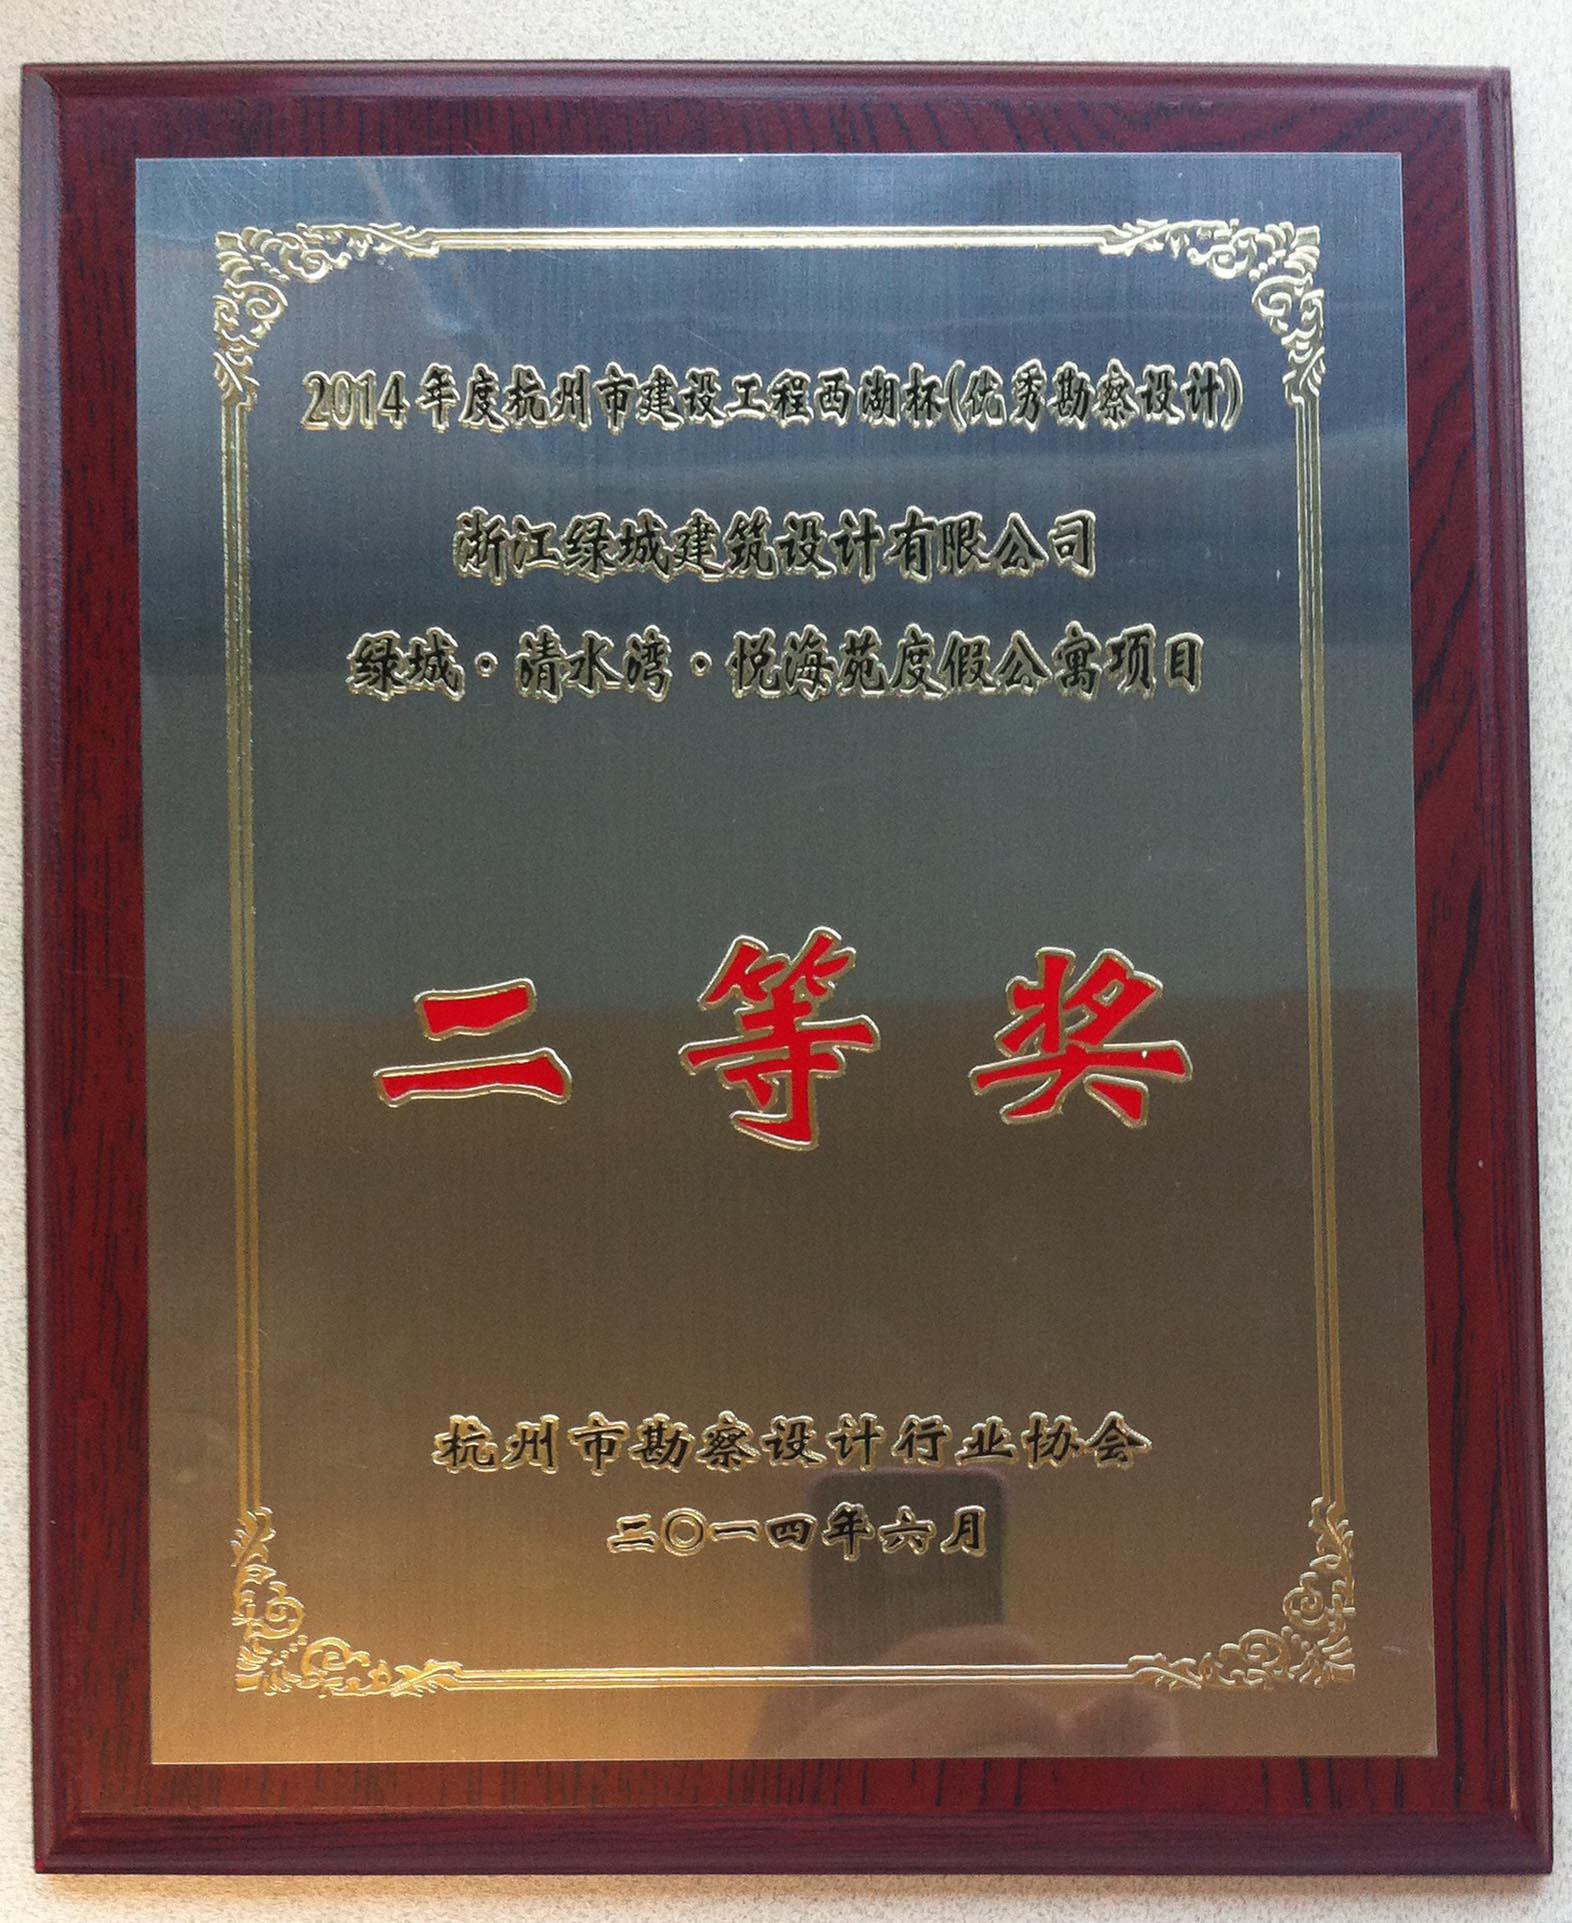 024-2014-(二等奖)-绿城·清水湾·悦海苑度假公寓项目-奖牌.jpg